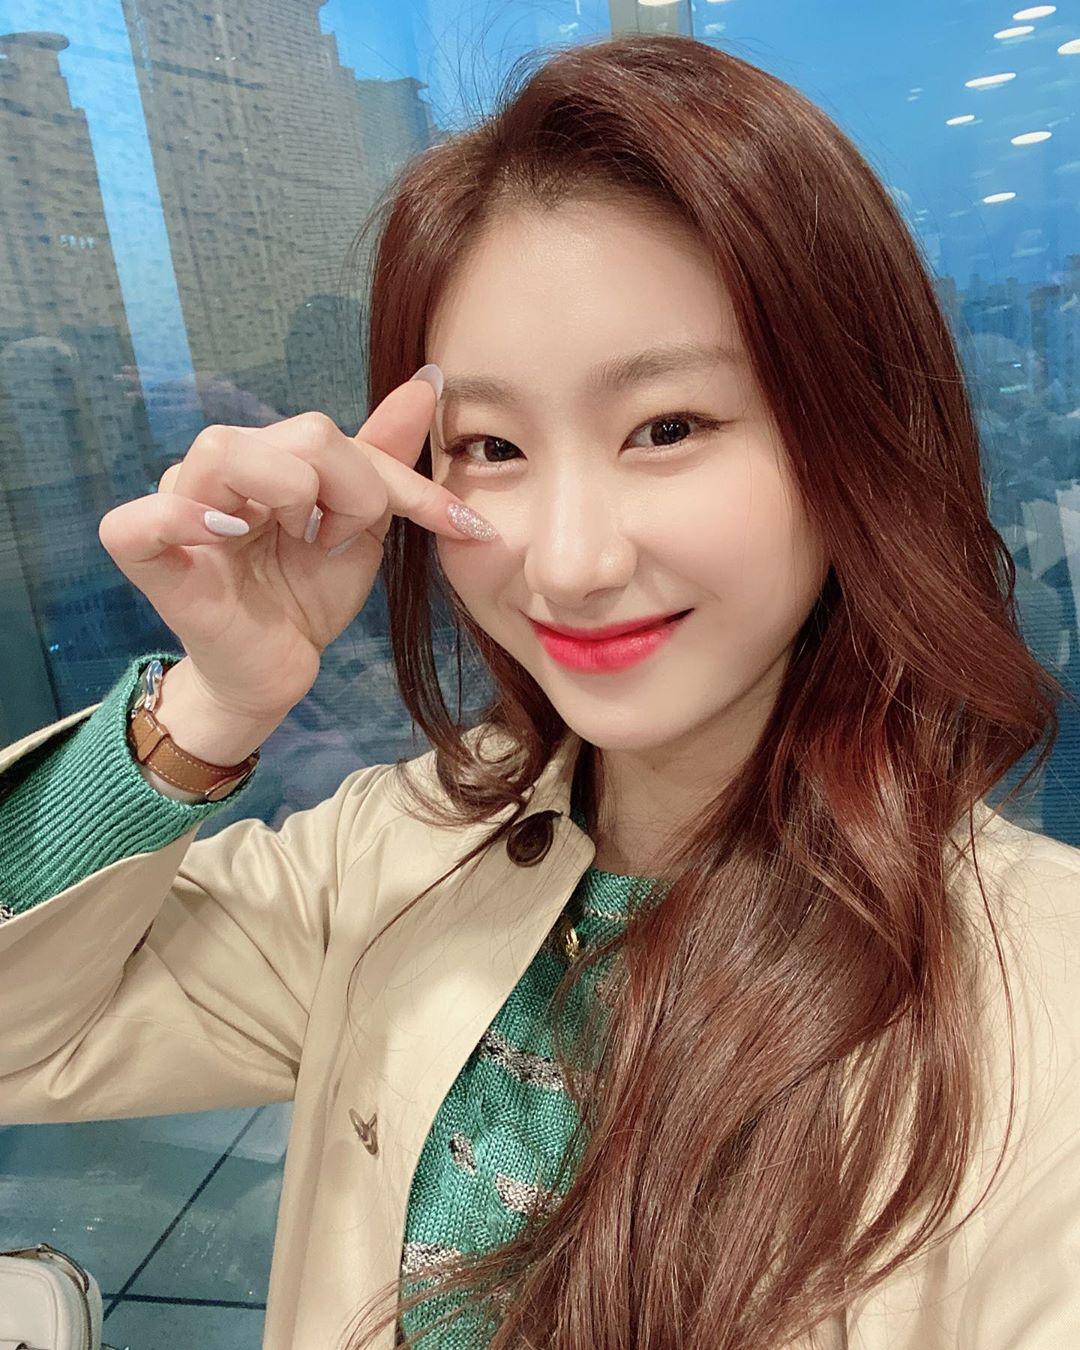 chaeryeong 3